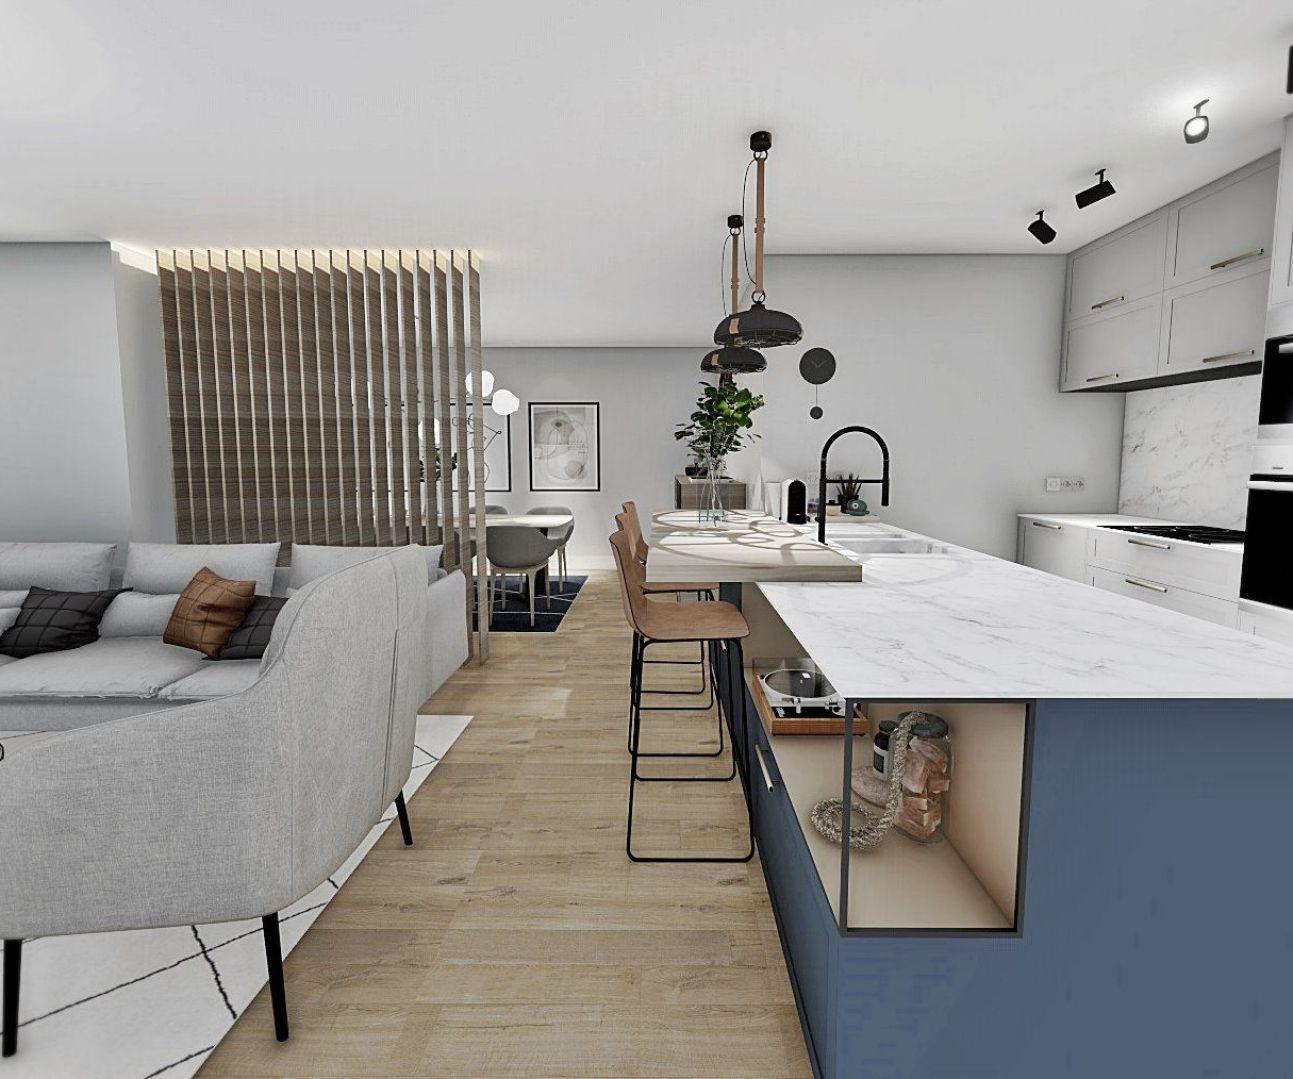 proyecto en 3D a medida, diseño de interiores online, espacio de salón comedor y cocina, de concepto abierto y tonos azules #Anautrillainteriorismo #slowinteriordesign @utrillanais